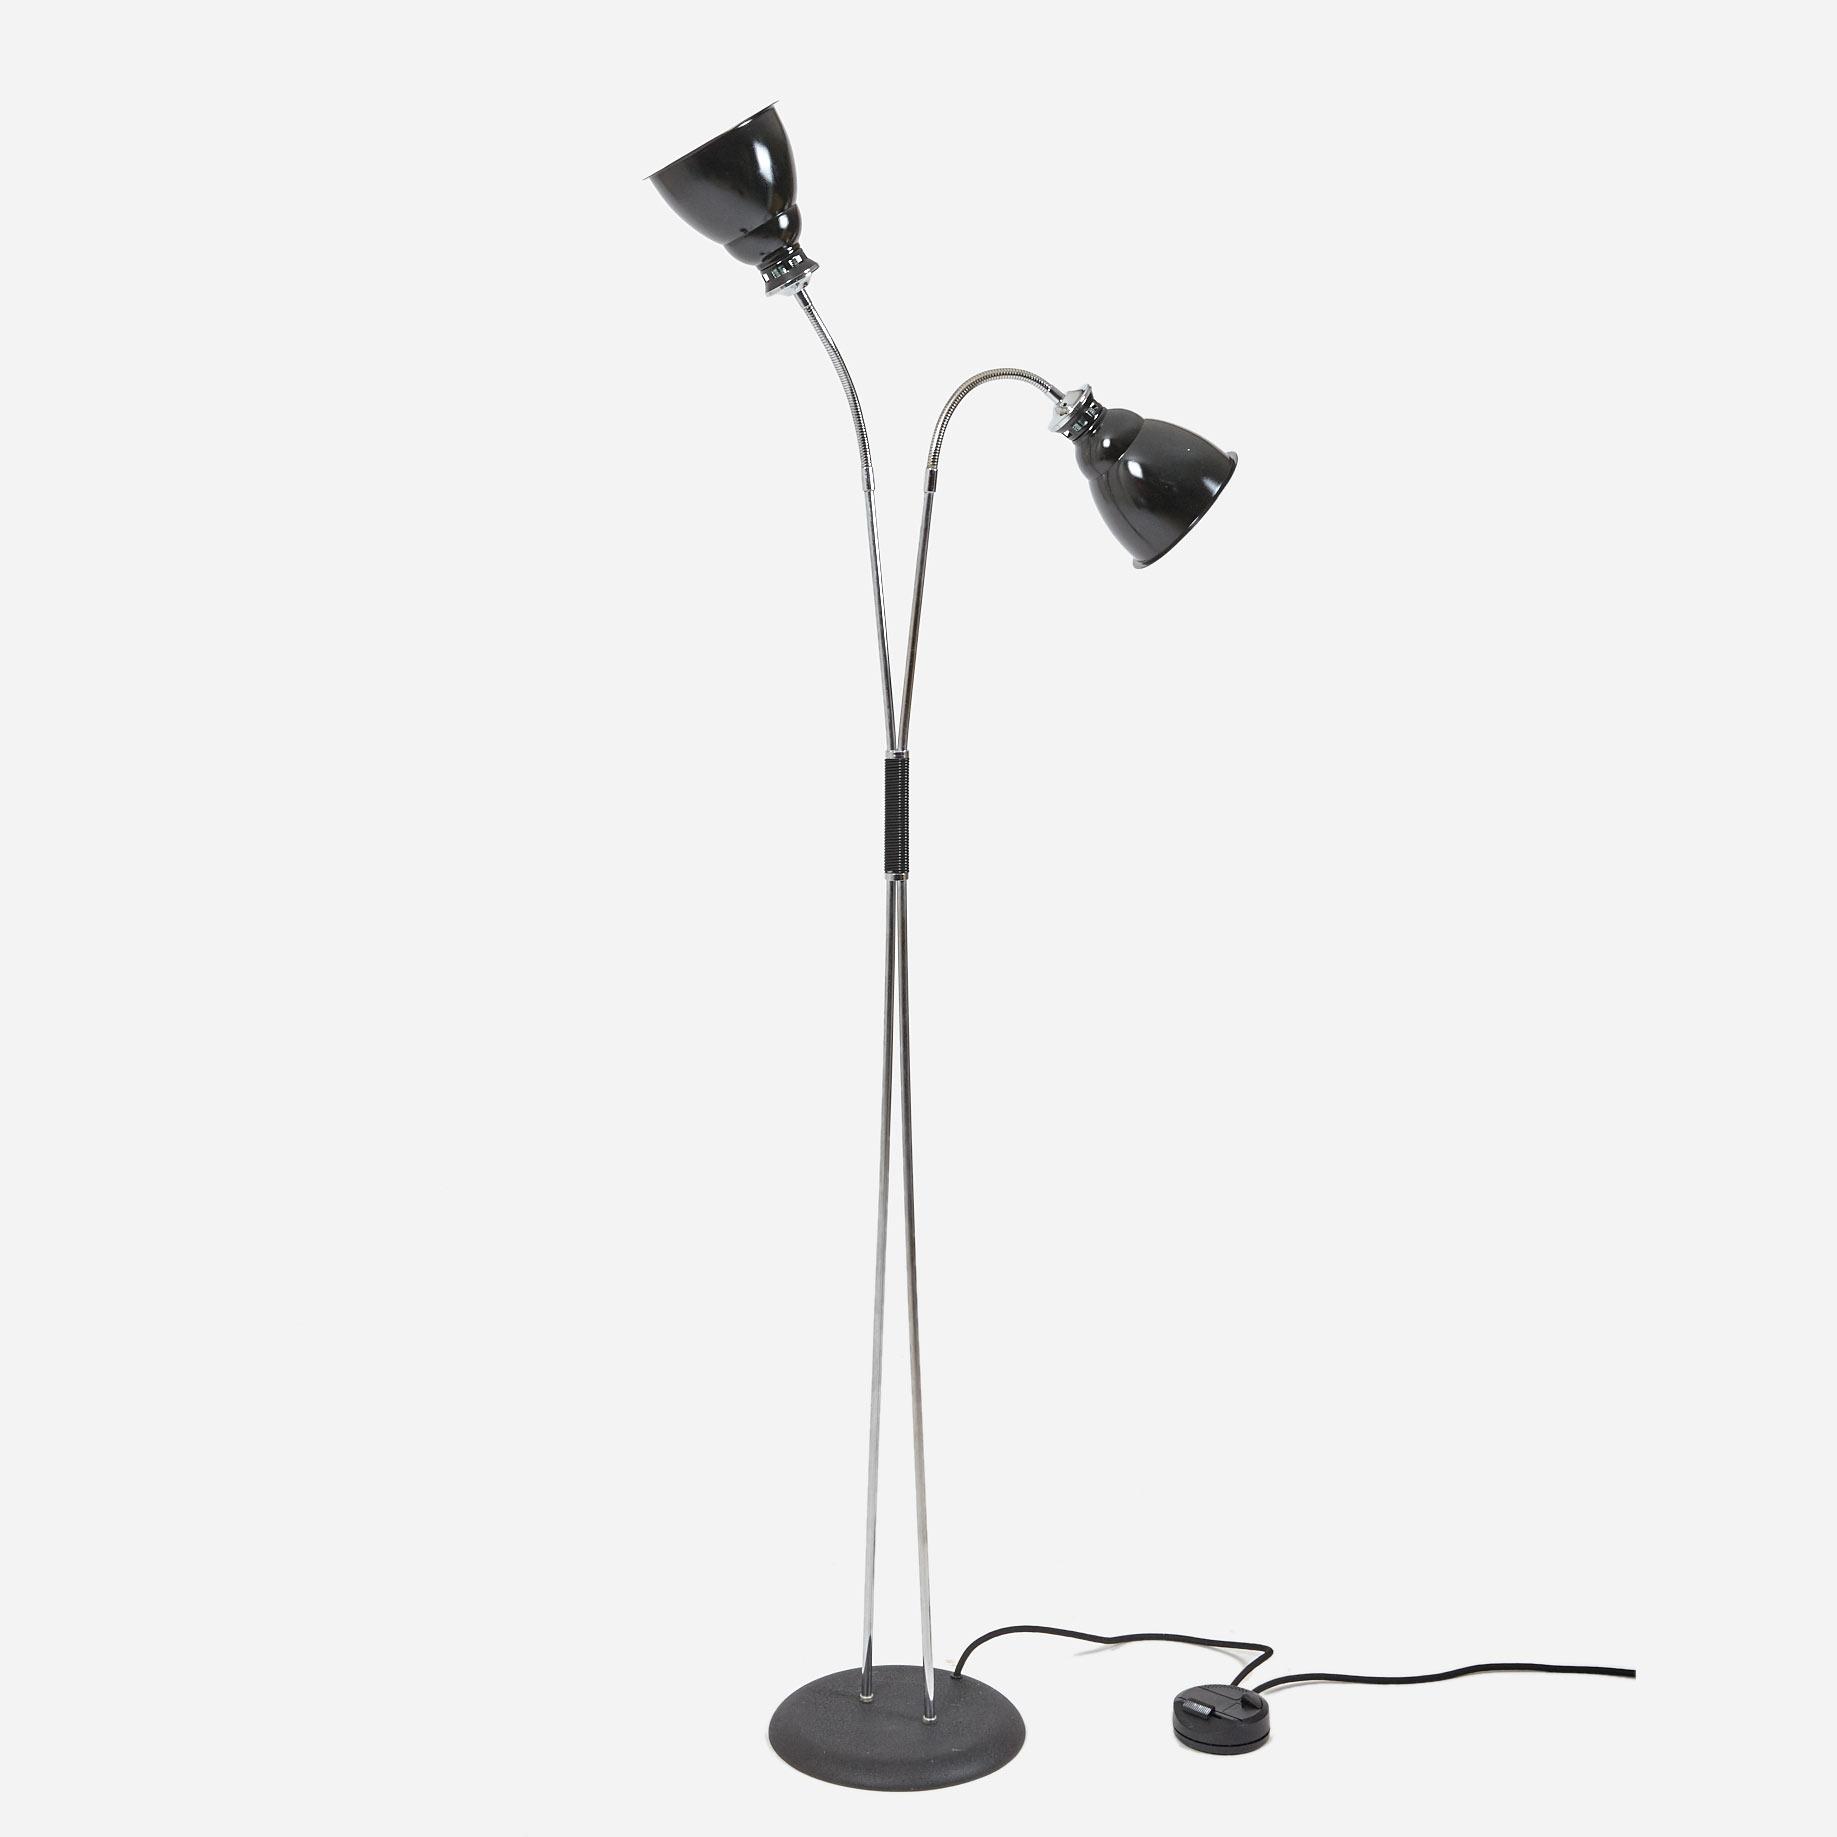 stehlampe dimmbar neuwertig m bel z rich vintagem bel. Black Bedroom Furniture Sets. Home Design Ideas